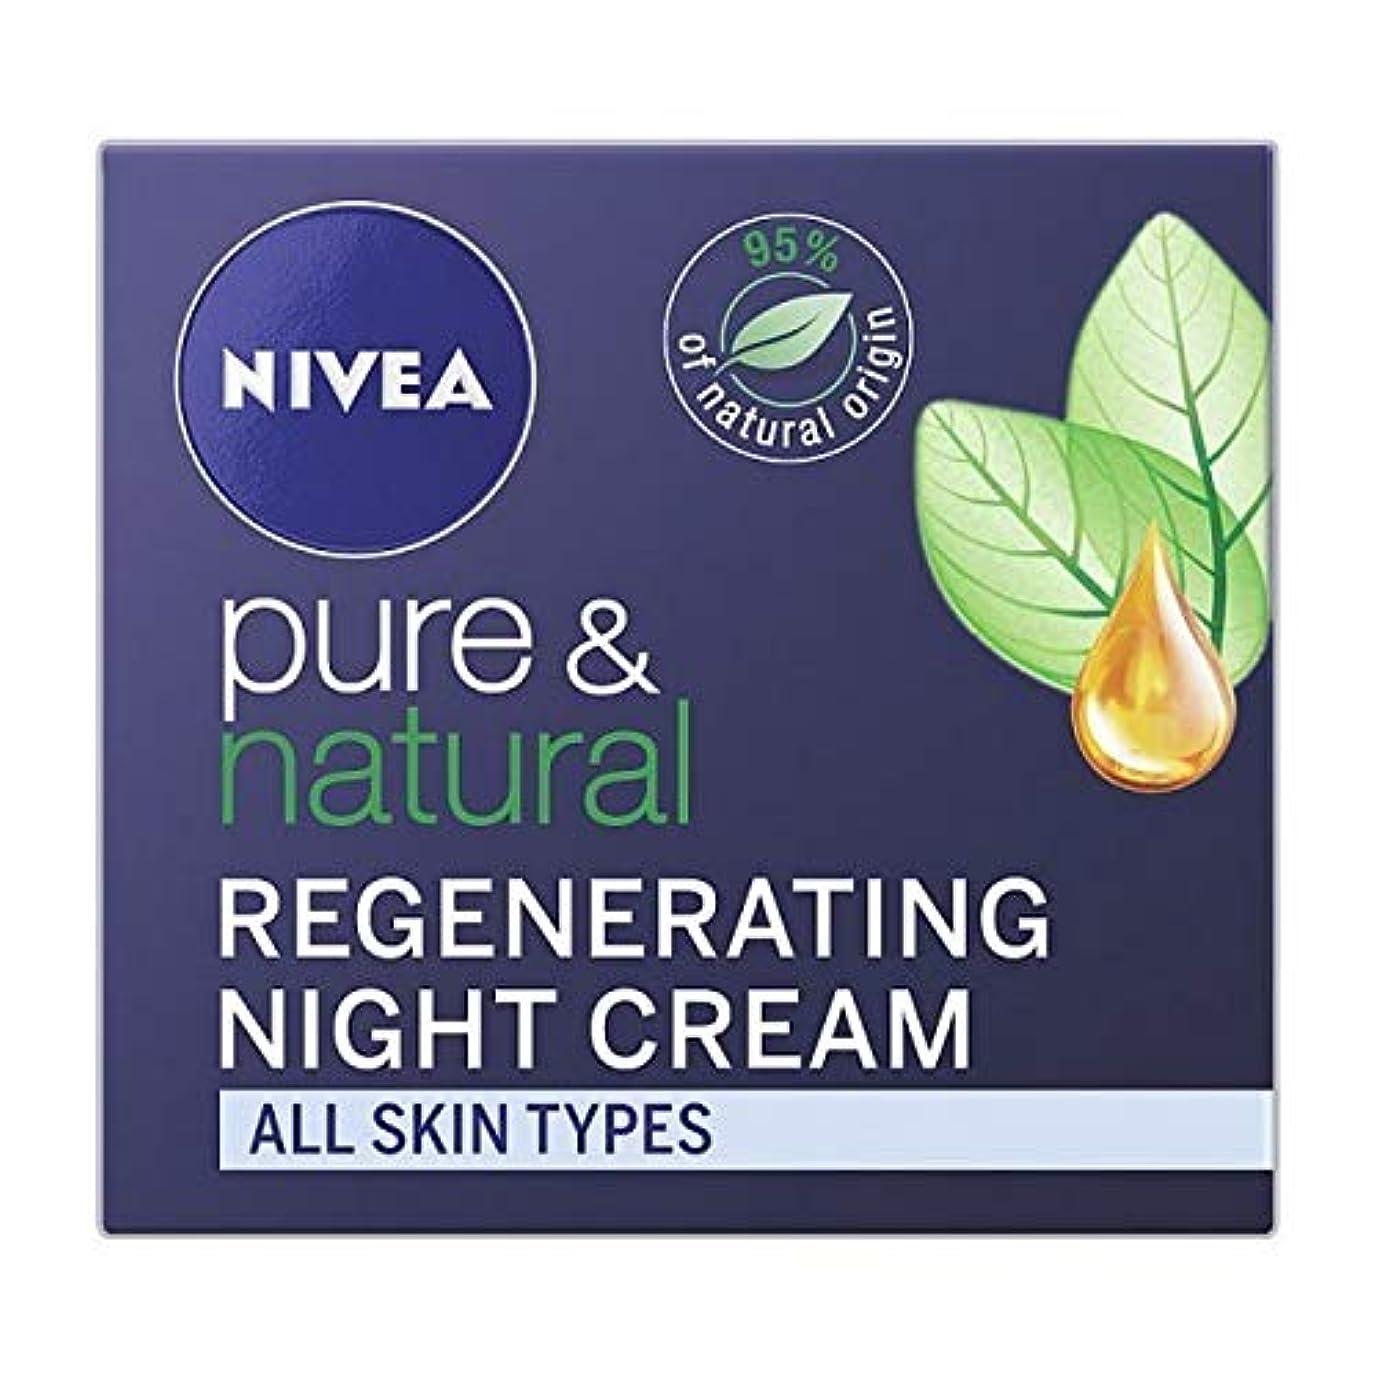 脅威受け継ぐラジカル[Nivea ] ニベアピュア&ナチュラル夜の顔のクリーム、50ミリリットル - NIVEA Pure & Natural Night Face Cream, 50ml [並行輸入品]